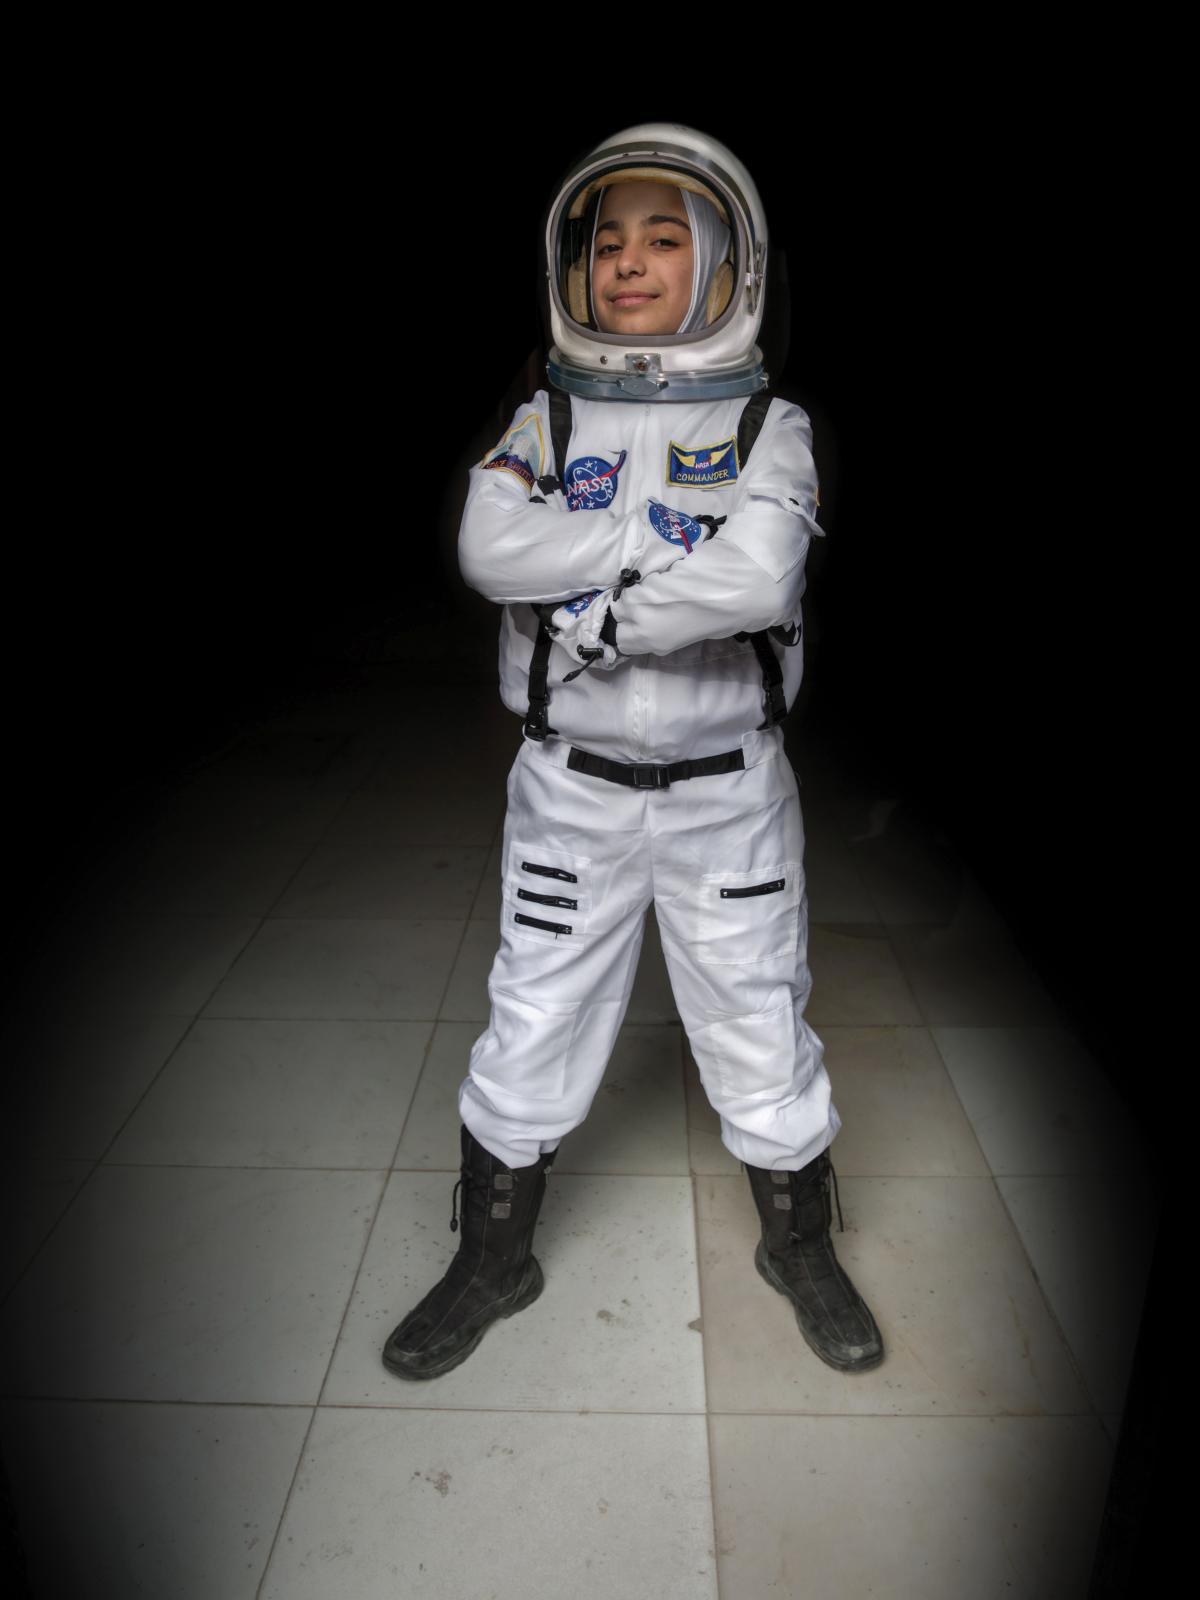 haga-age-12-vision-future-astronaut